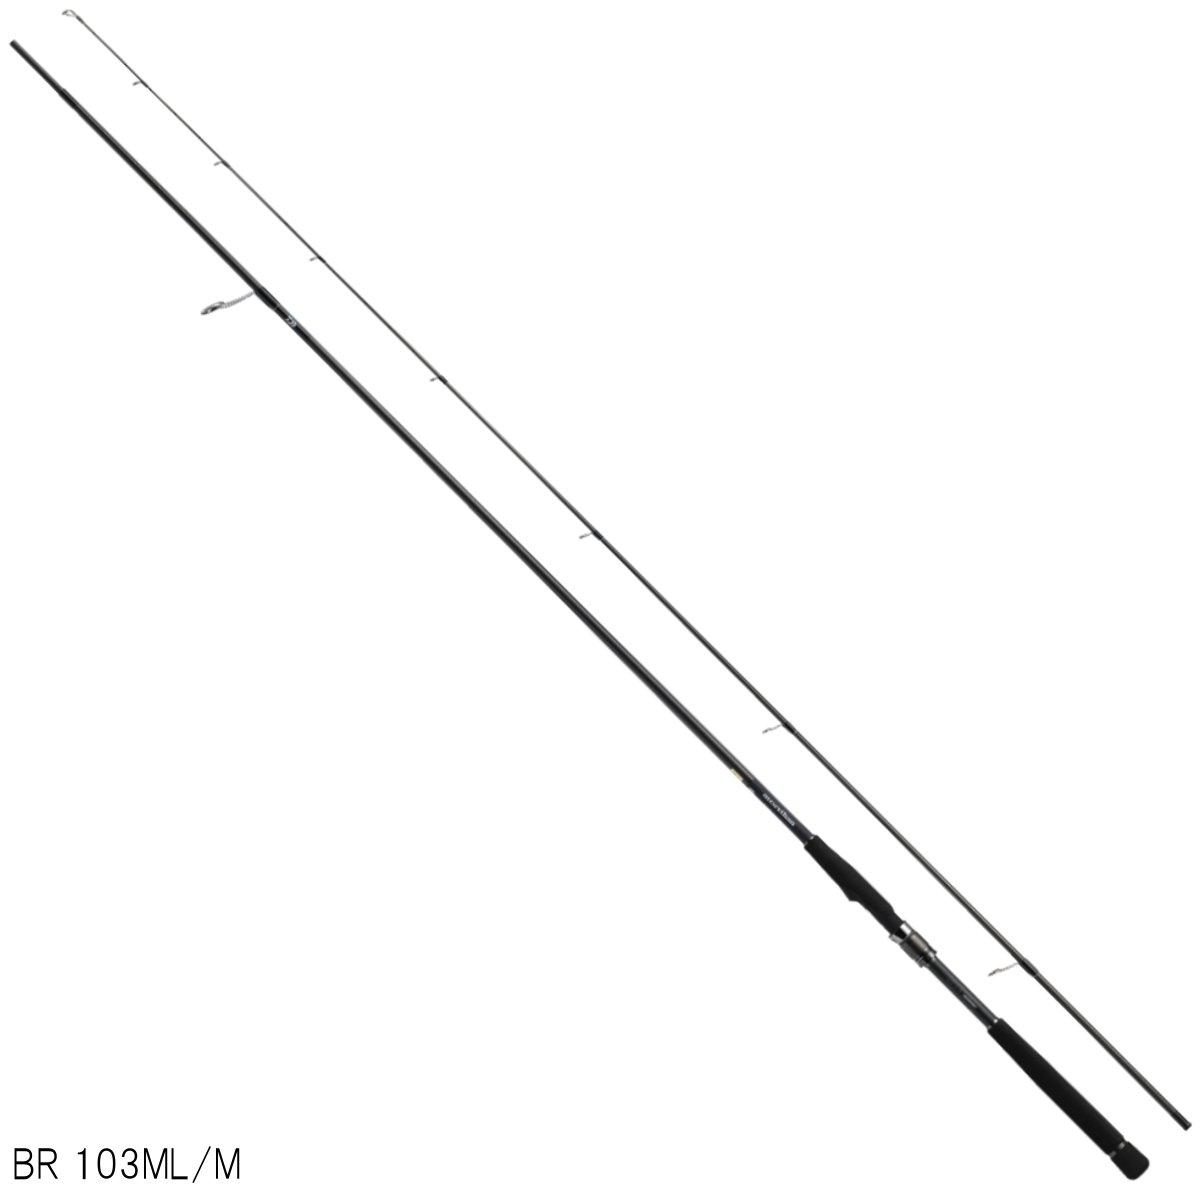 ダイワ モアザン(スピニングモデル) BR 103ML/M【大型商品】【送料無料】